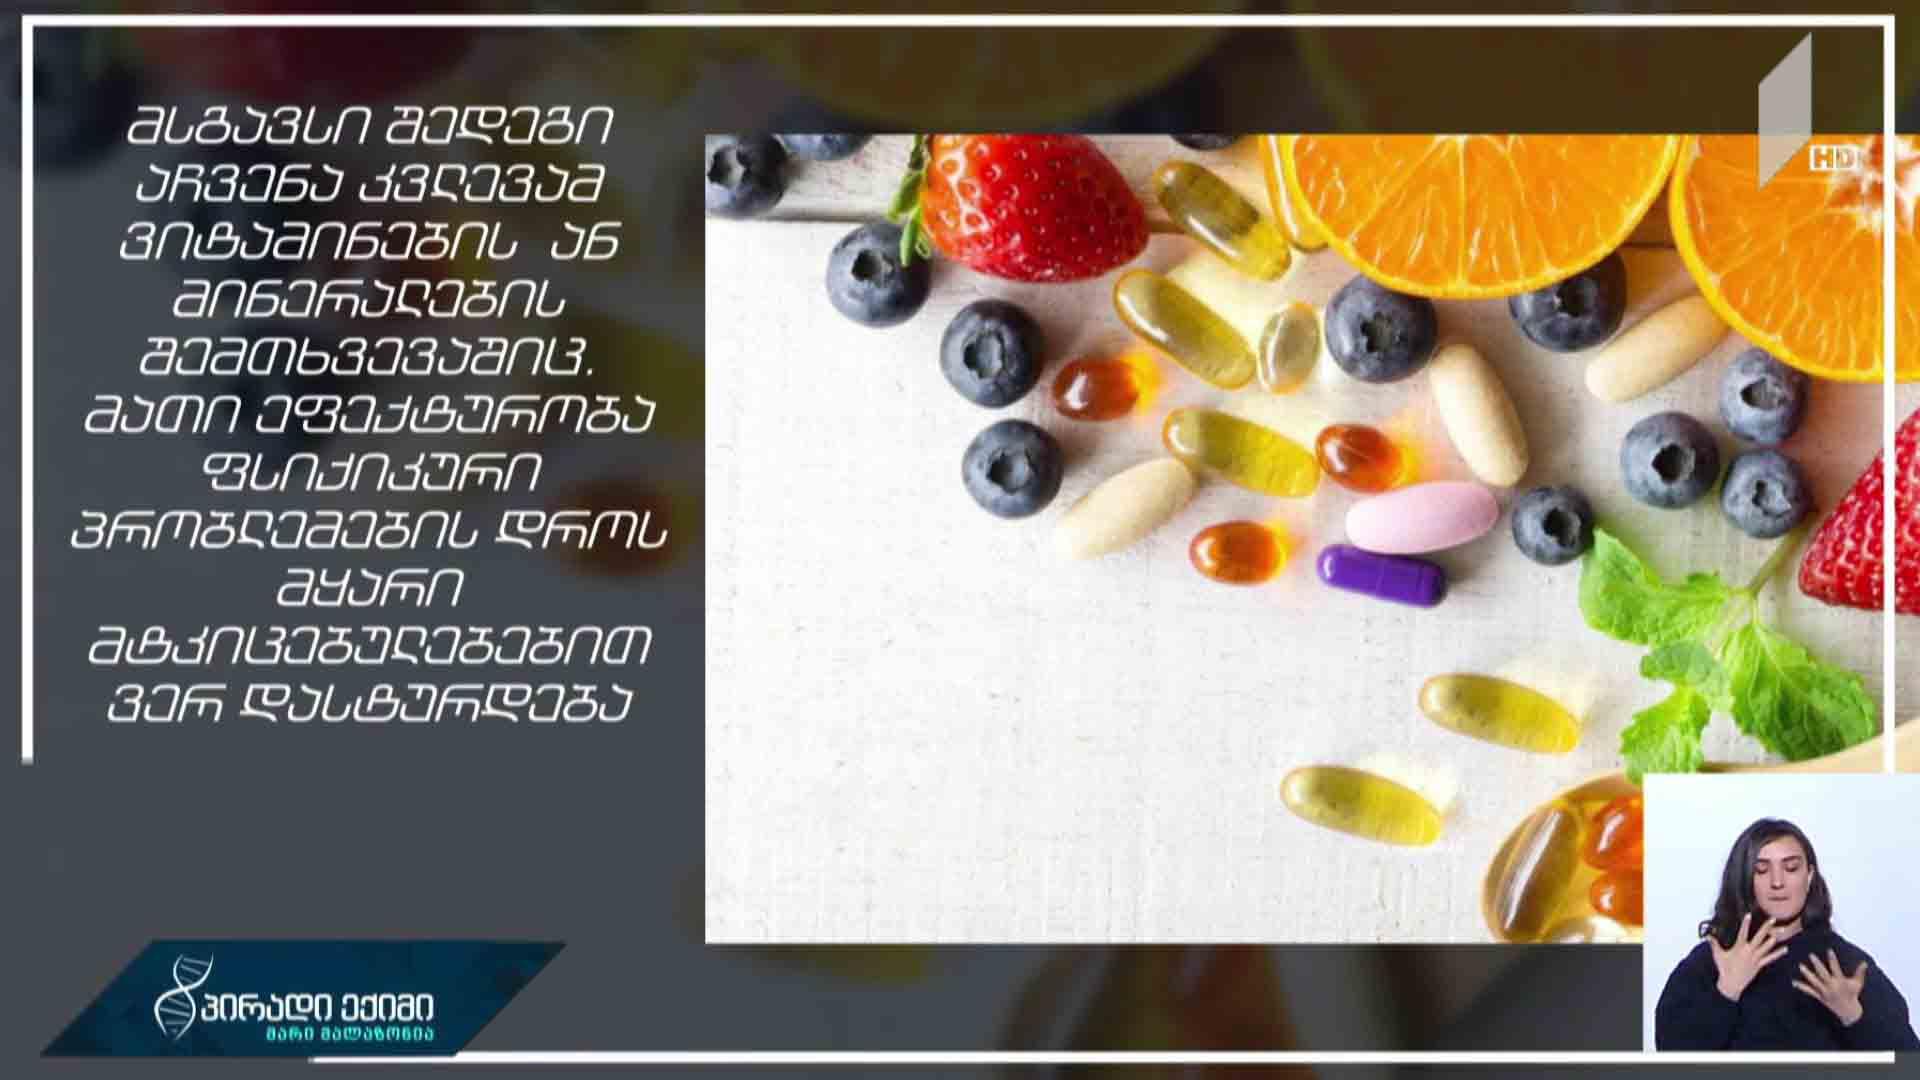 საკვები დანამატების გავლენა მენტალურ ჯანმრთელობაზე